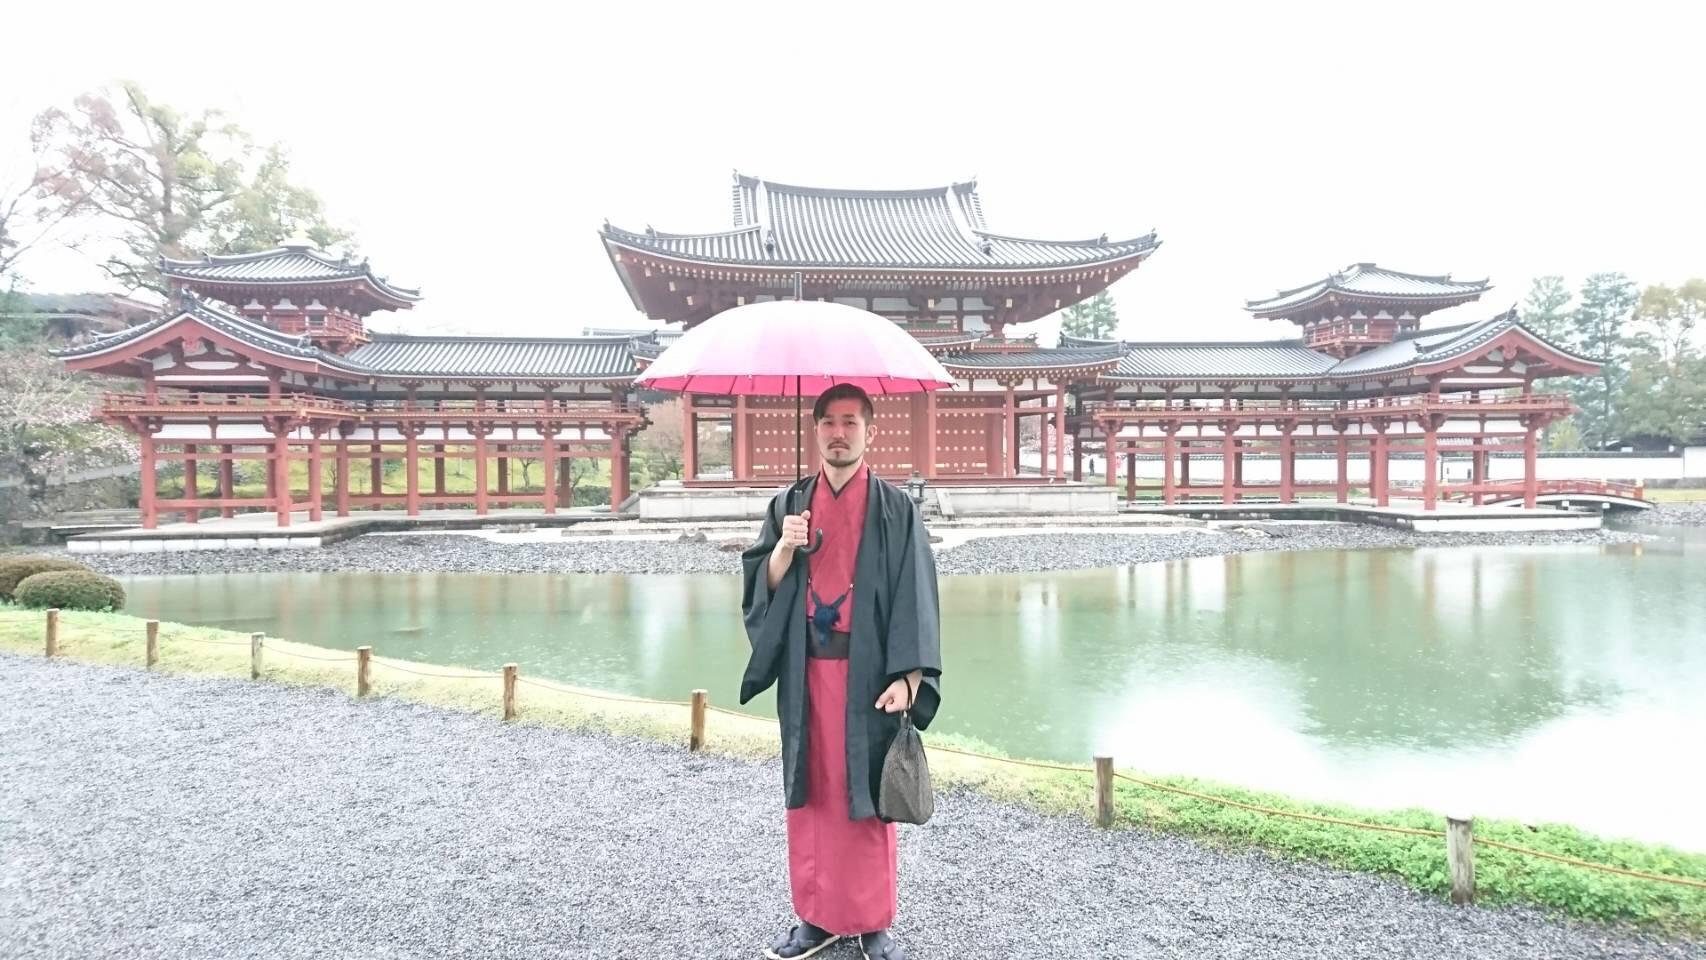 リピーター様❣カップルで雨の宇治平等院鳳凰堂へ♡2019年3月30日16